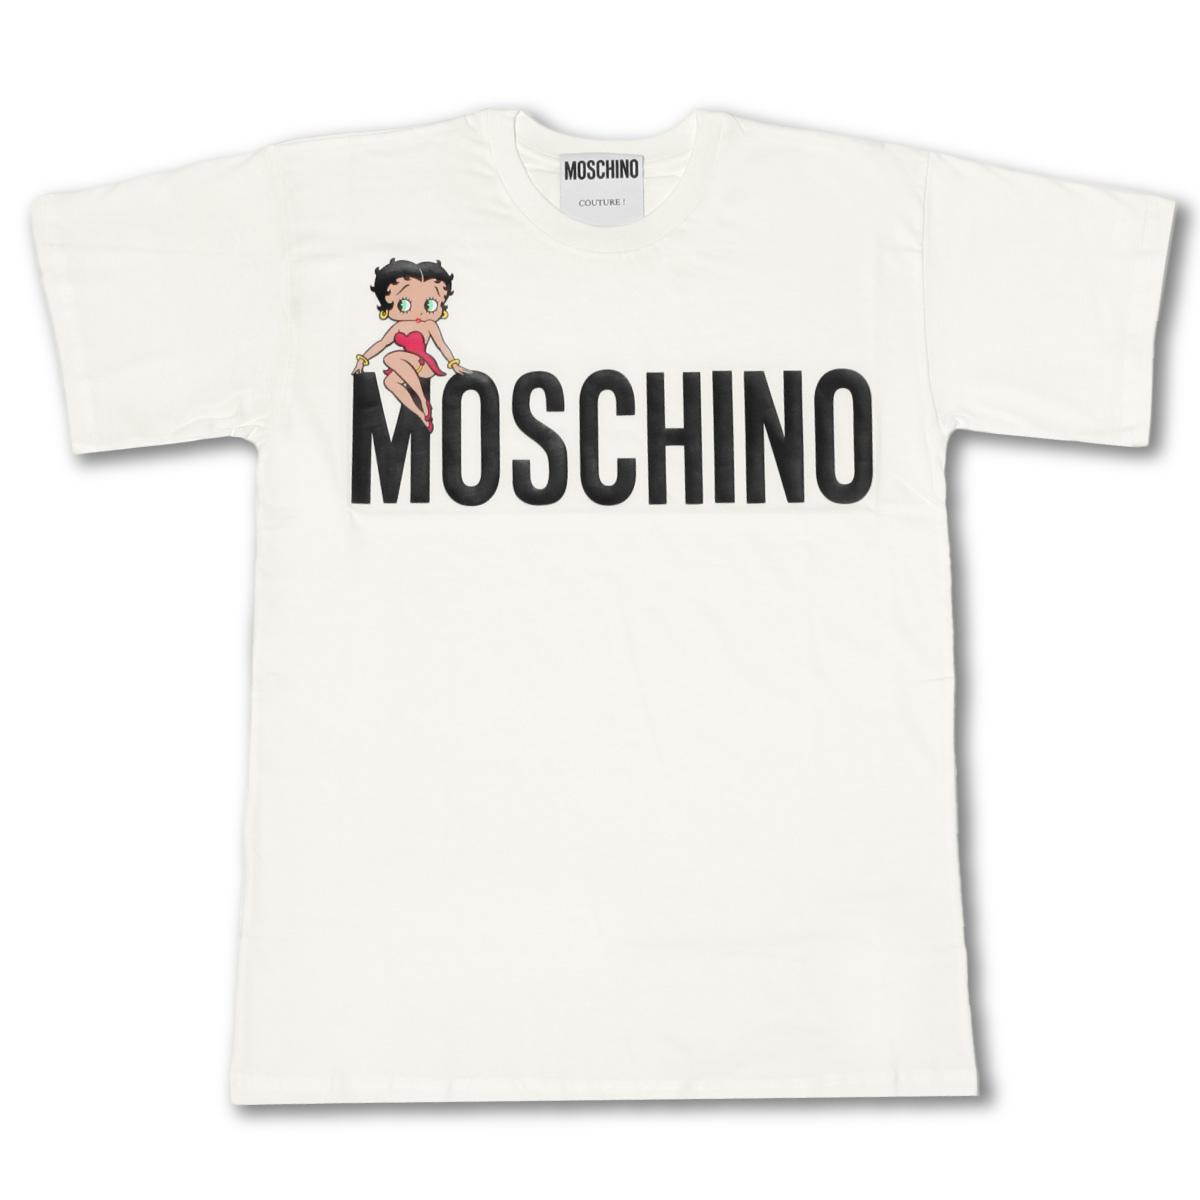 モスキーノ MOSCHINO Tシャツ レディース 0704 0540 1001 半袖Tシャツ WHITE ホワイト